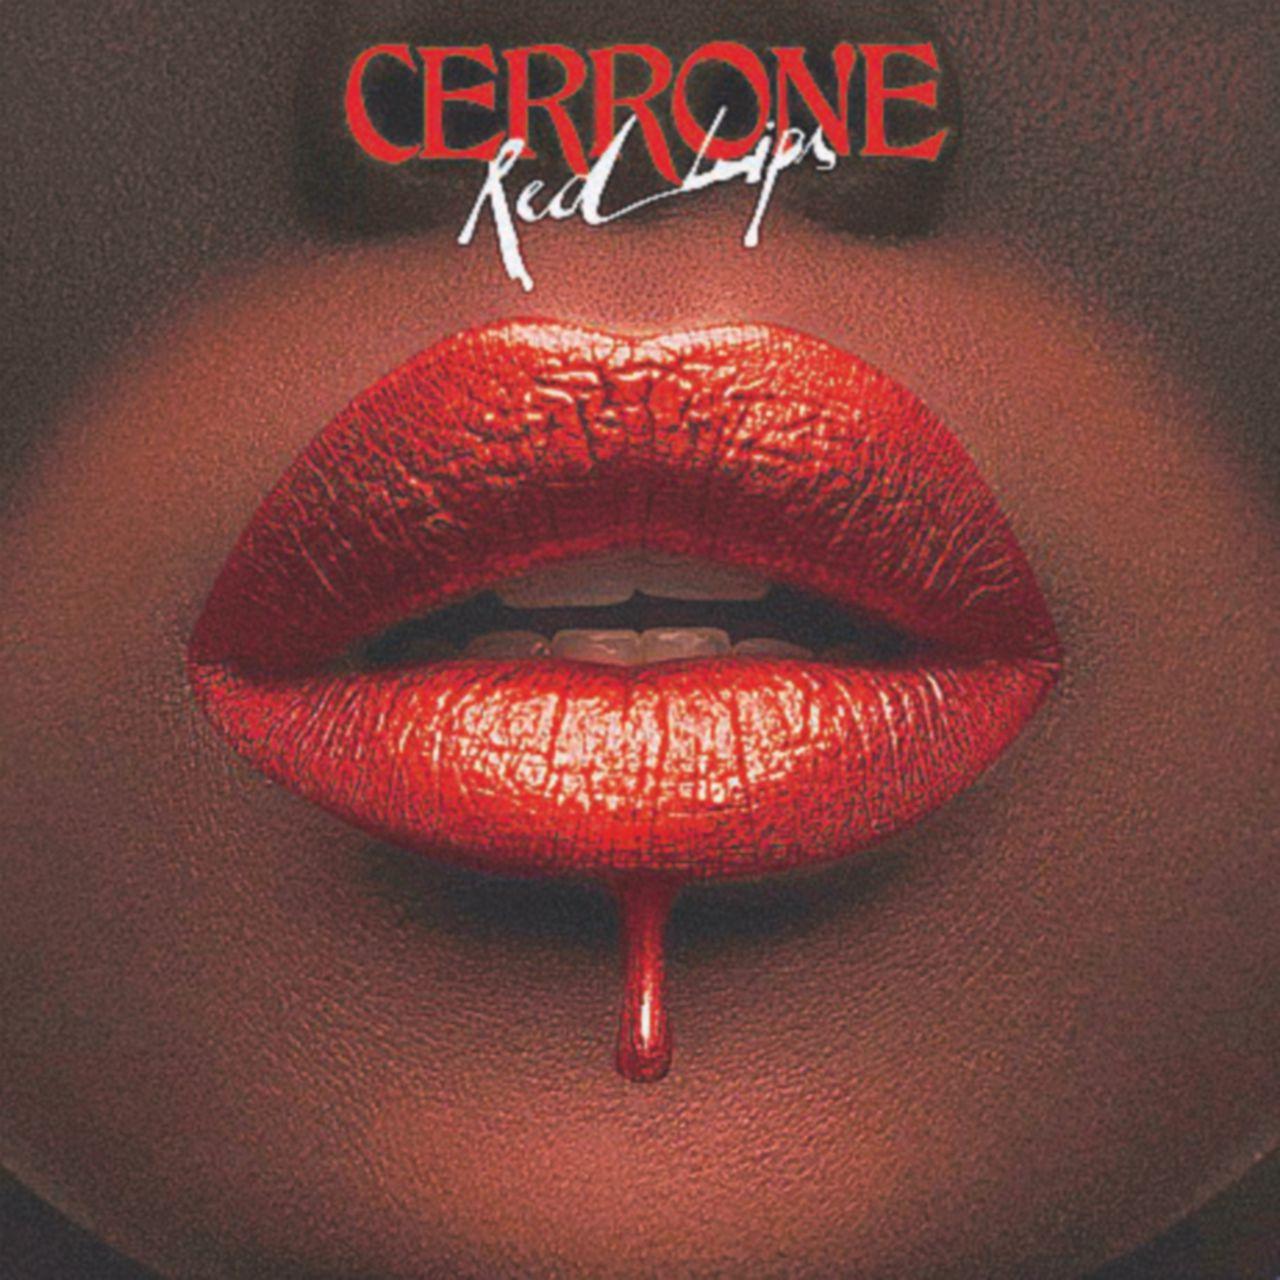 Cerrone, la discomusic non rinnega se stessa